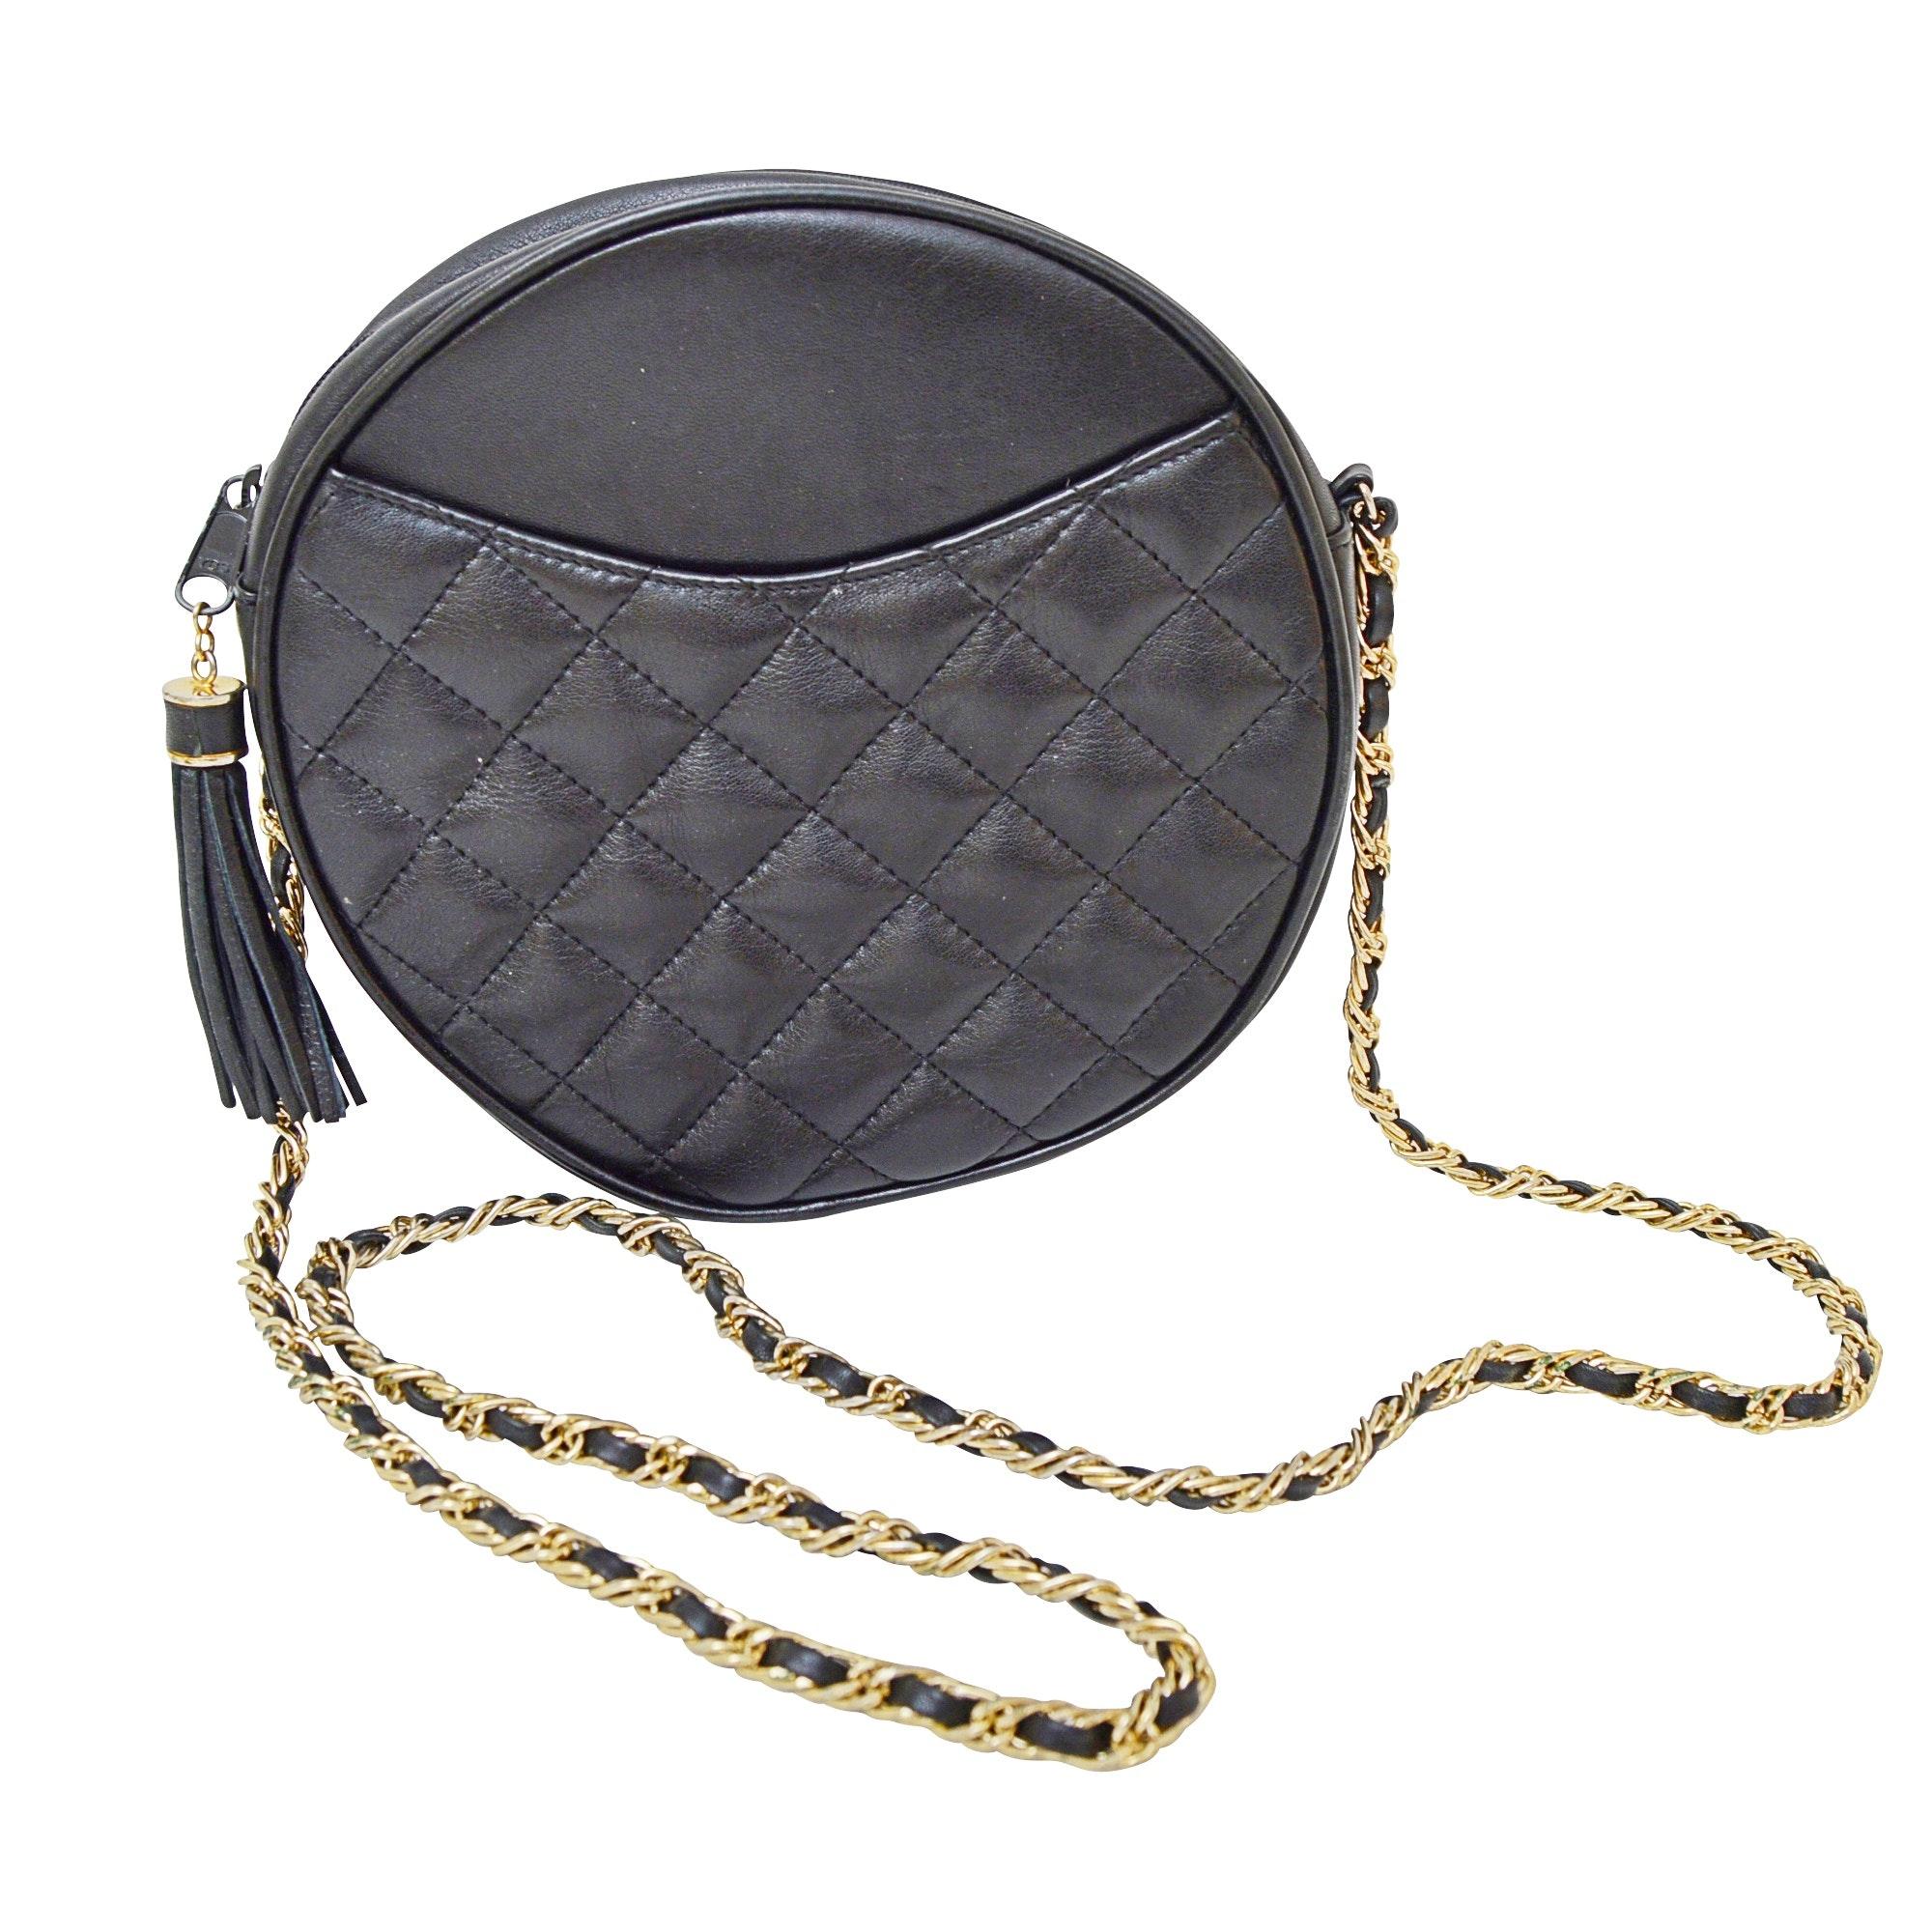 Saks Quilted Leather Shoulder Bag